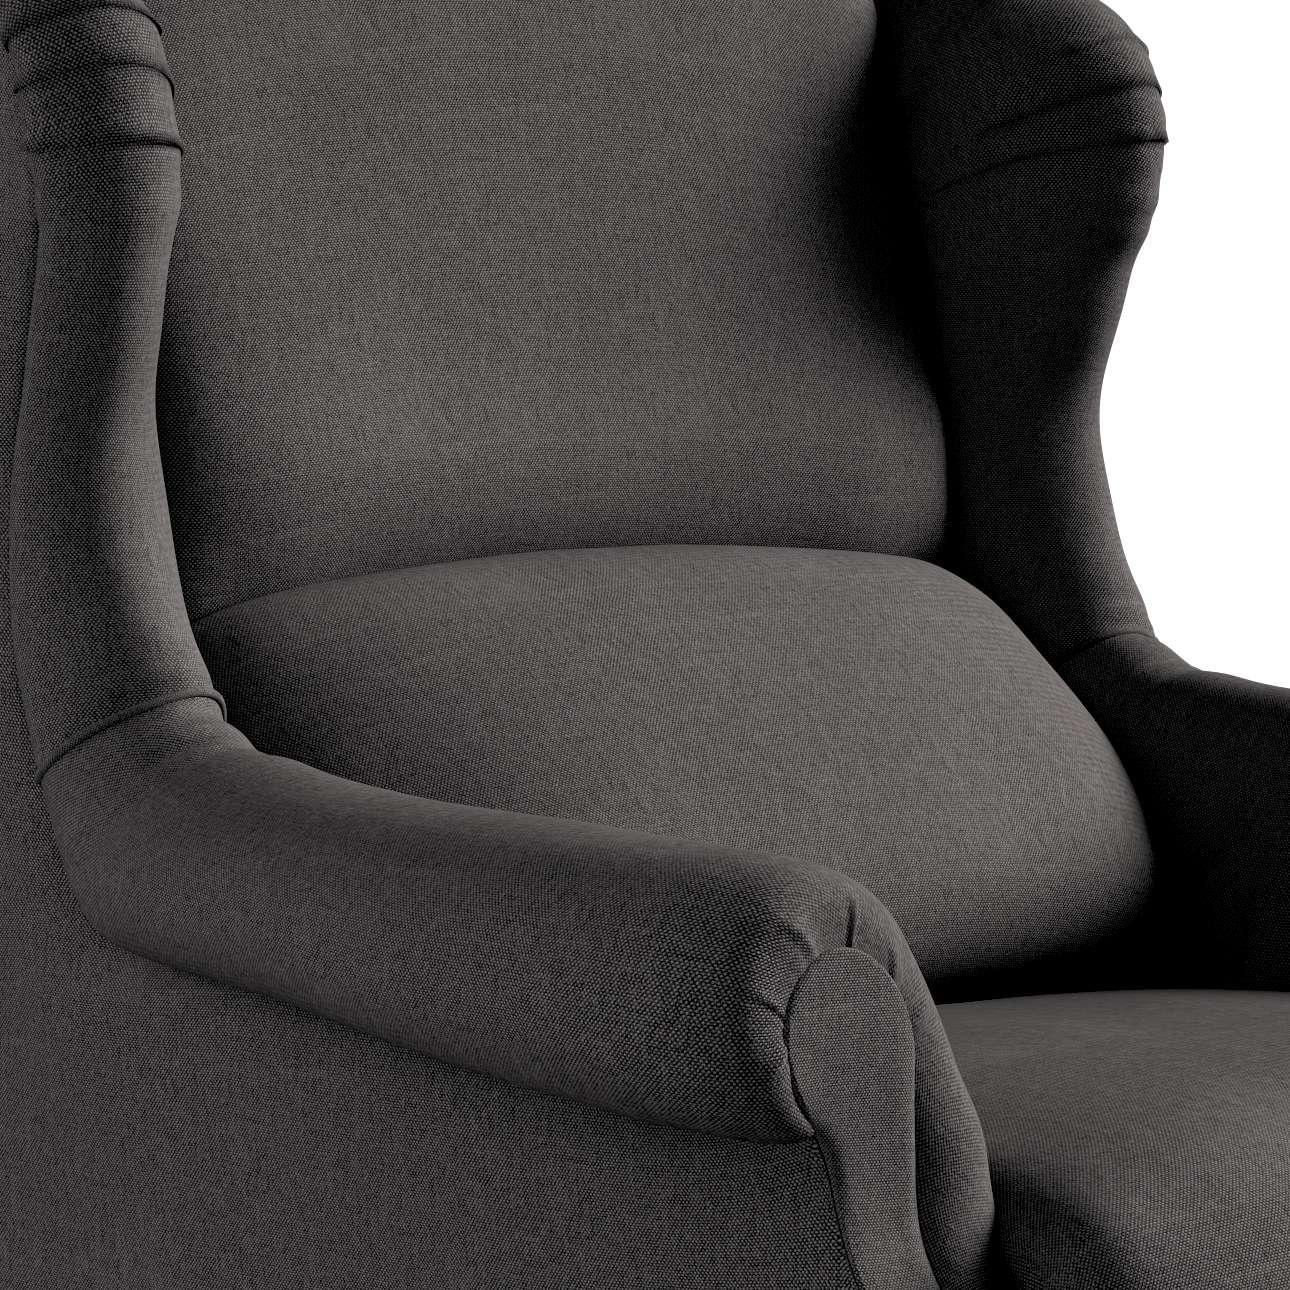 Sessel 85 x 107 cm von der Kollektion Etna, Stoff: 705-35